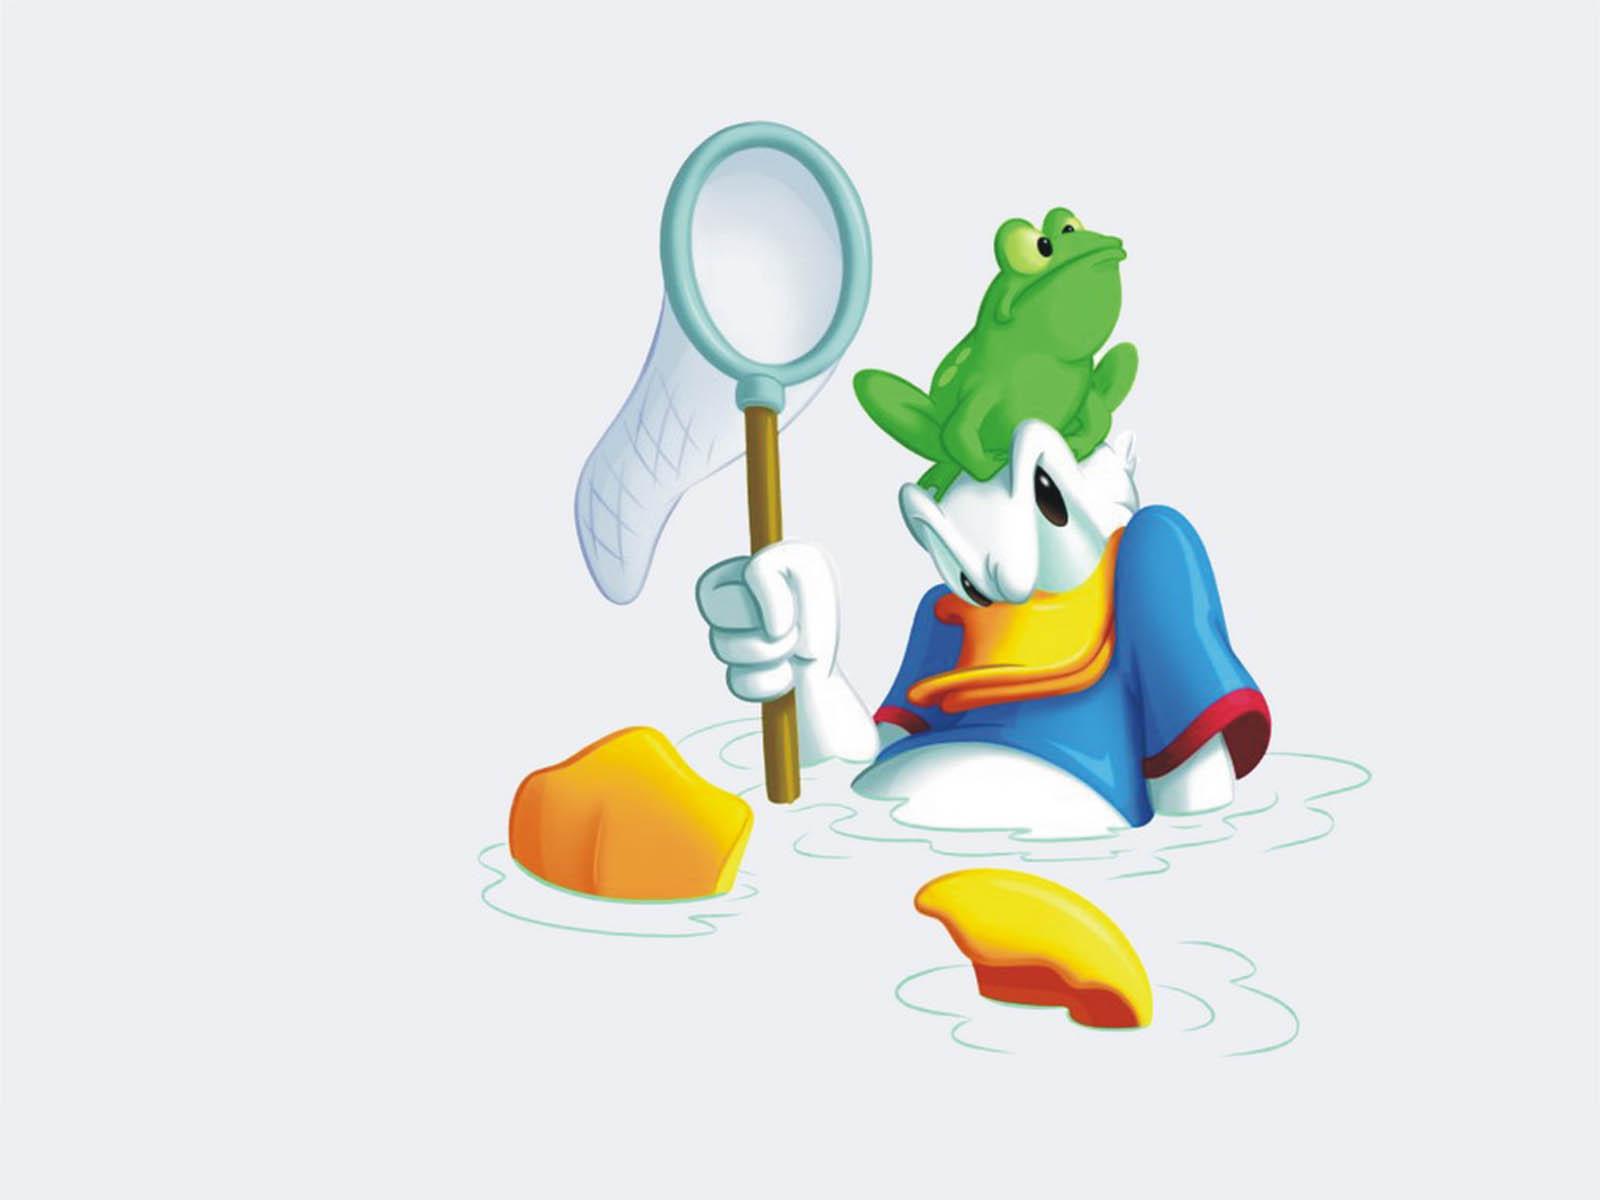 Wallpaper donald duck - Donald duck wallpaper ...